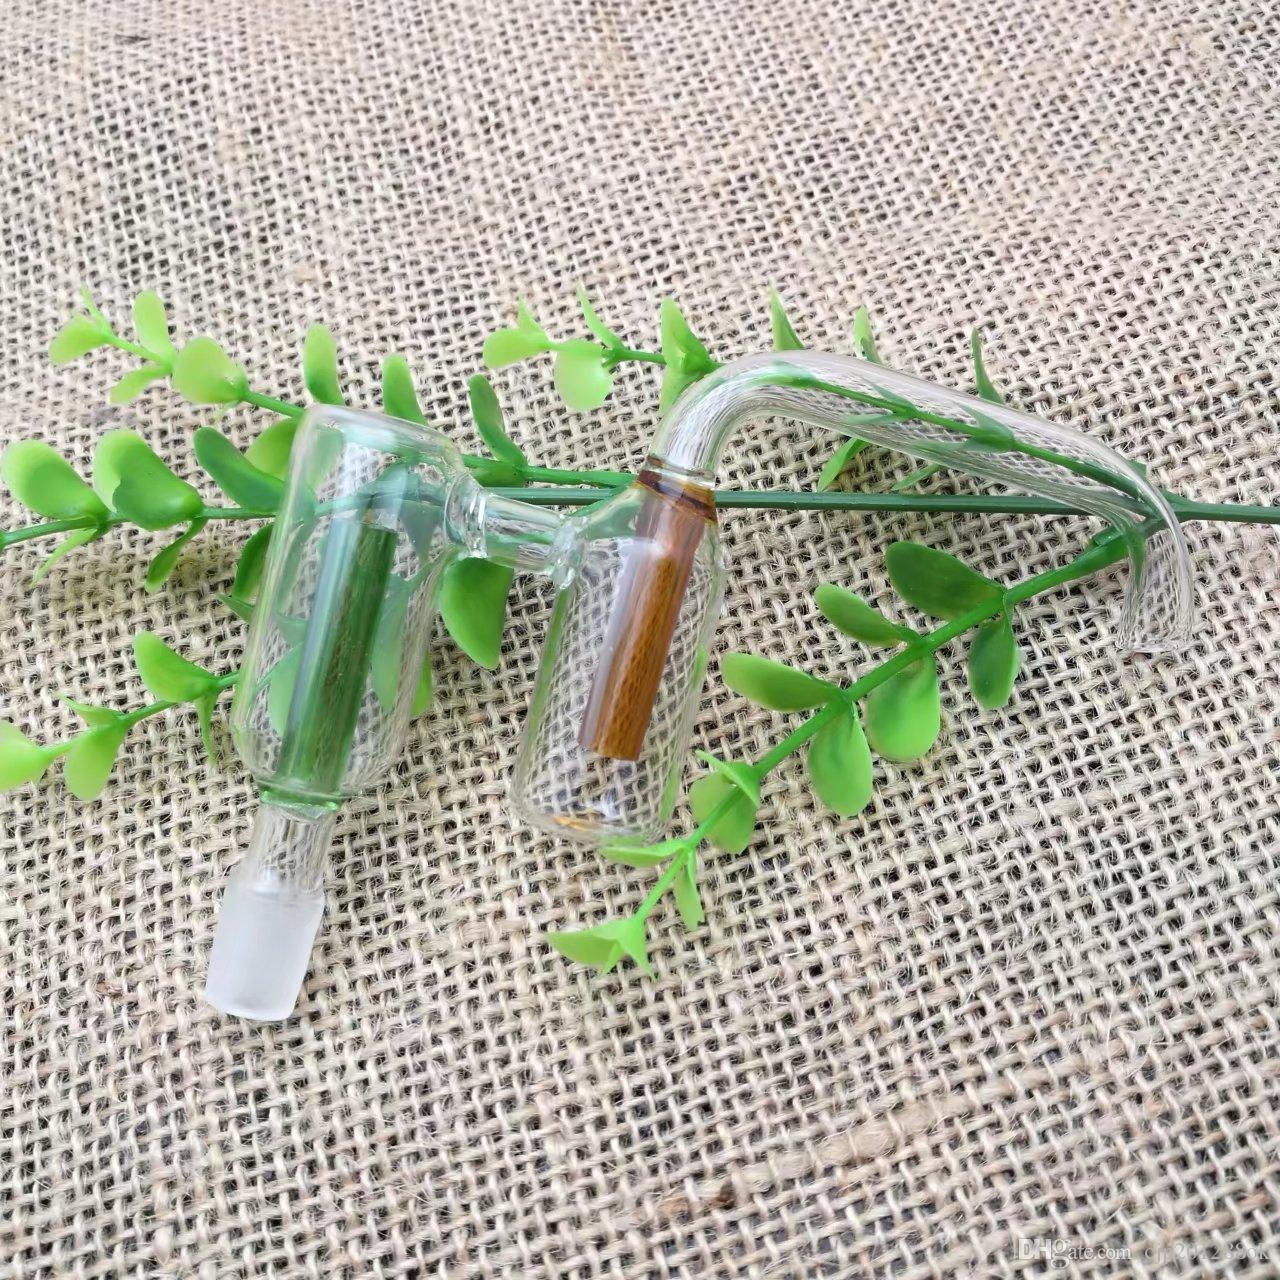 Farbe Doppelfilterglas zu Fuß Platte Großhandel Glas Bongs Ölbrenner Glas Wasser-Rohr-Bohrinseln Raucher Rigs